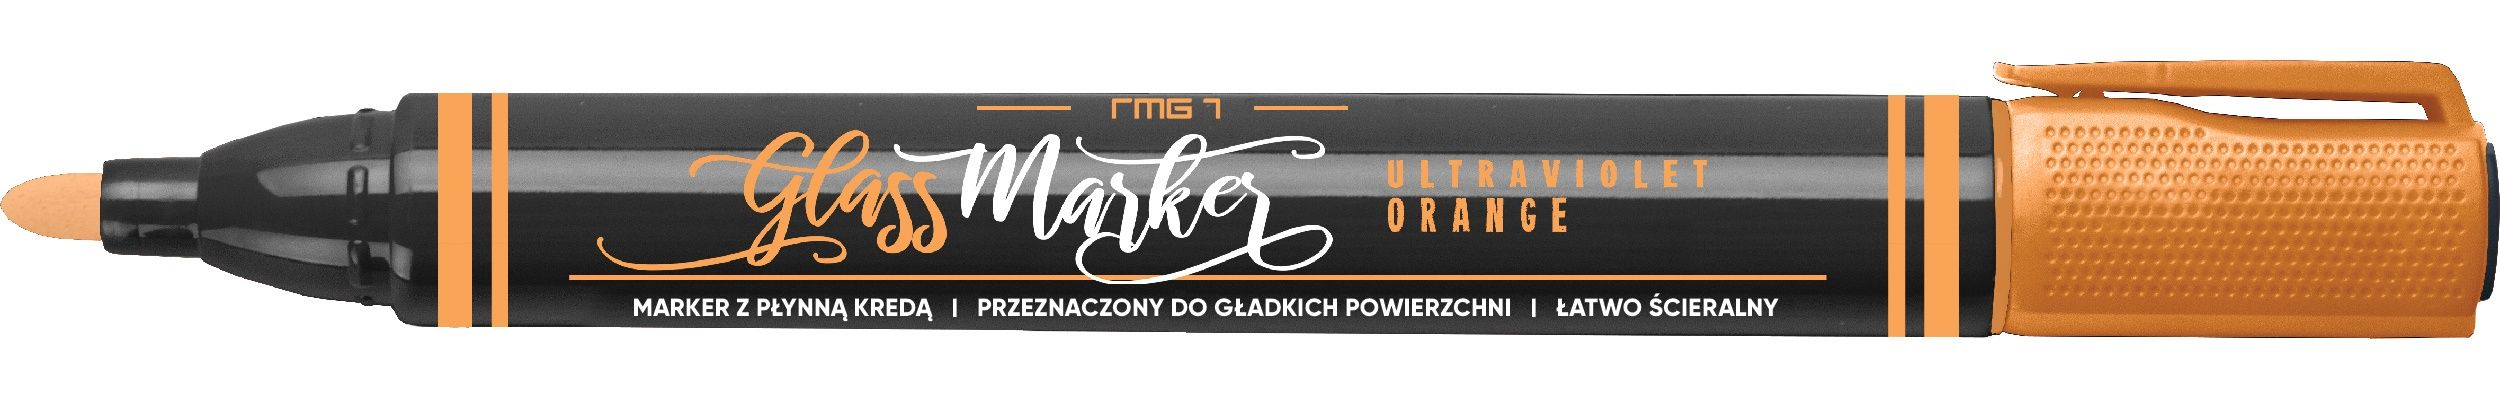 Marker do szkła RMG-1